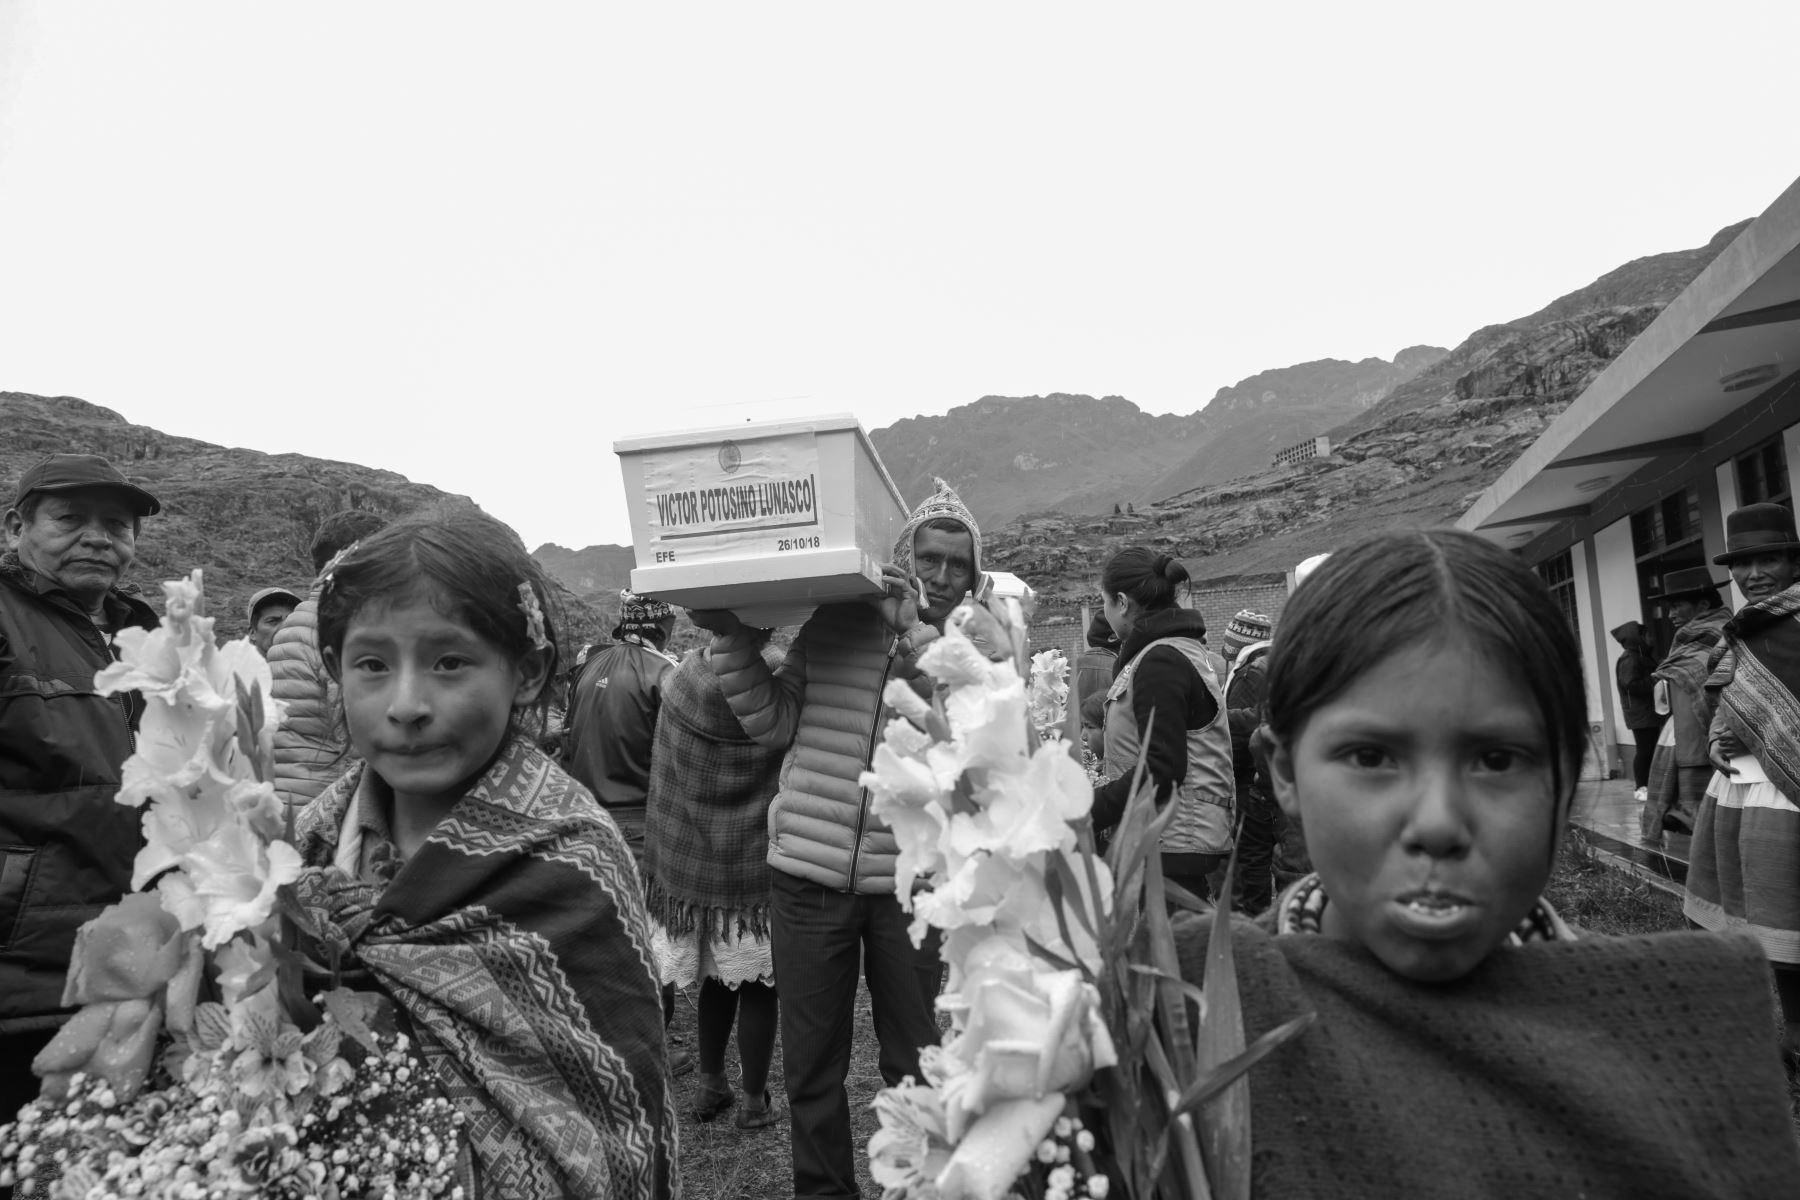 Como parte de la reparación simbólica, el representante del CMAN realiza las disculpas públicas a los deudos de las víctimas del conflicto armado interno 1980-2000. Foto: ANDINA/Jack Ramón